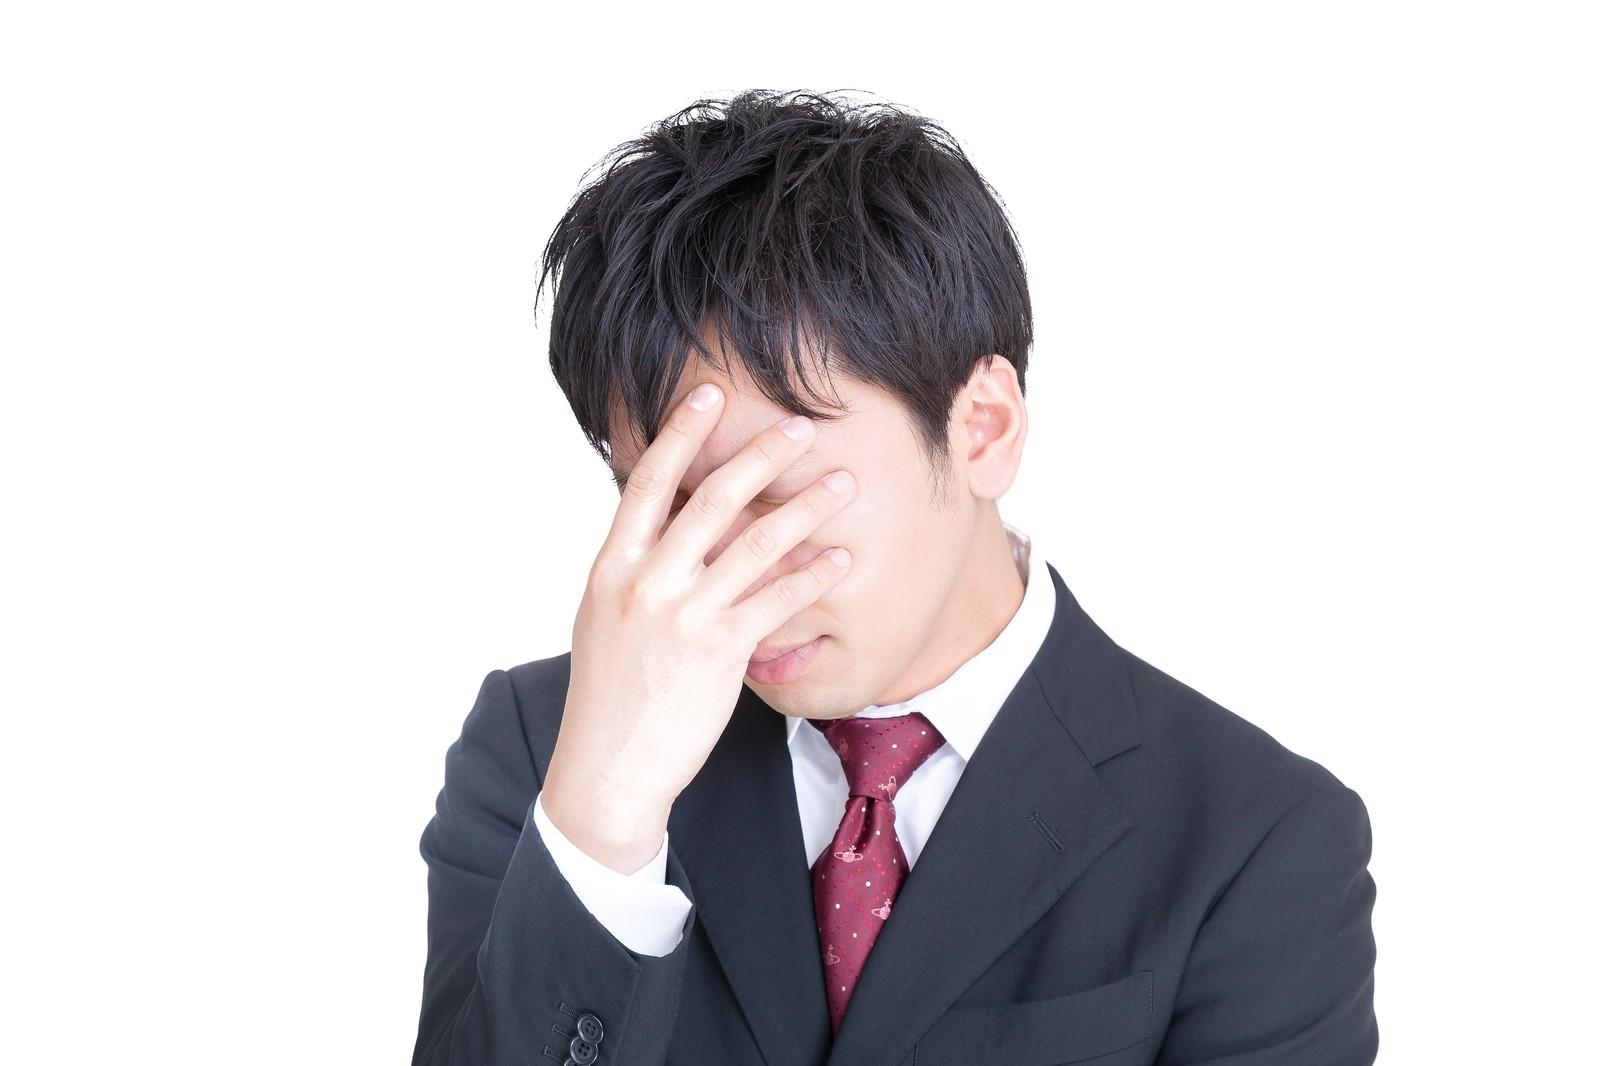 【え?】20代・30代の脳梗塞が50%も増加!専門医「ゆとり世代で甘やかされたのが原因!」